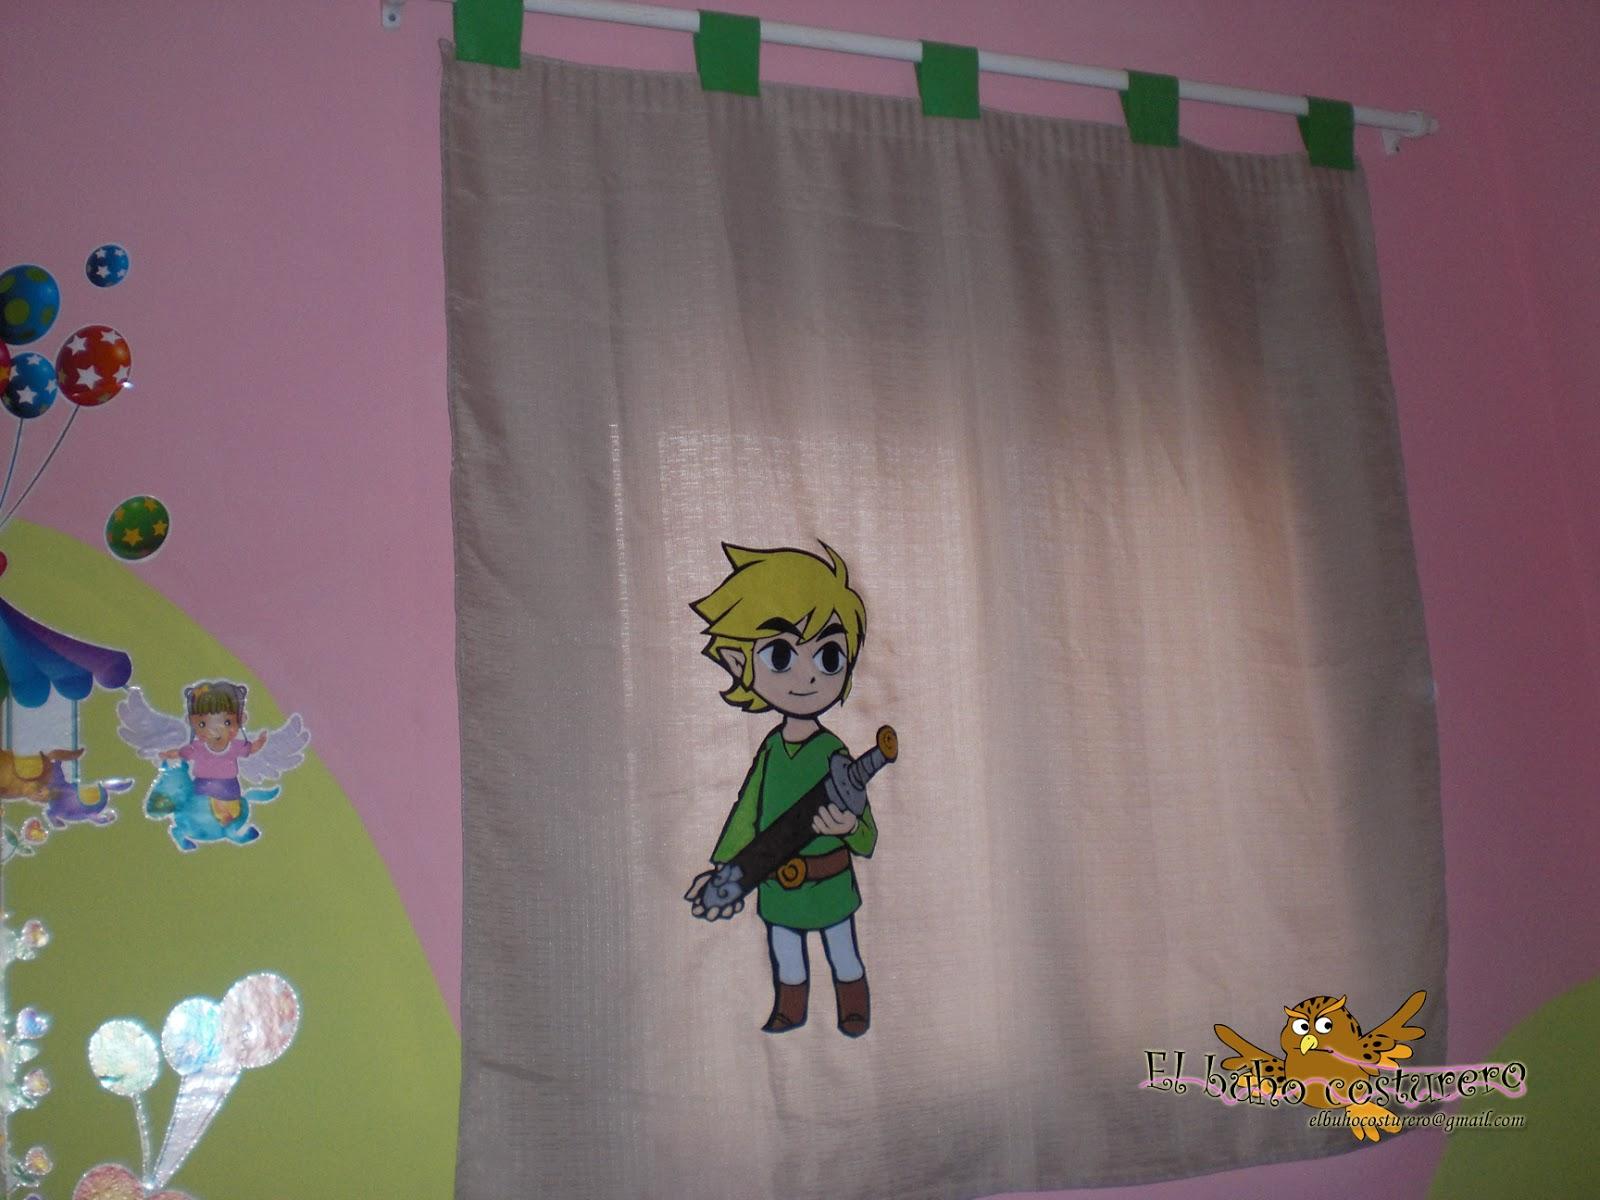 El b ho costurero the legend of zelda cortina en fieltro - Pegatinas para cortinas ...